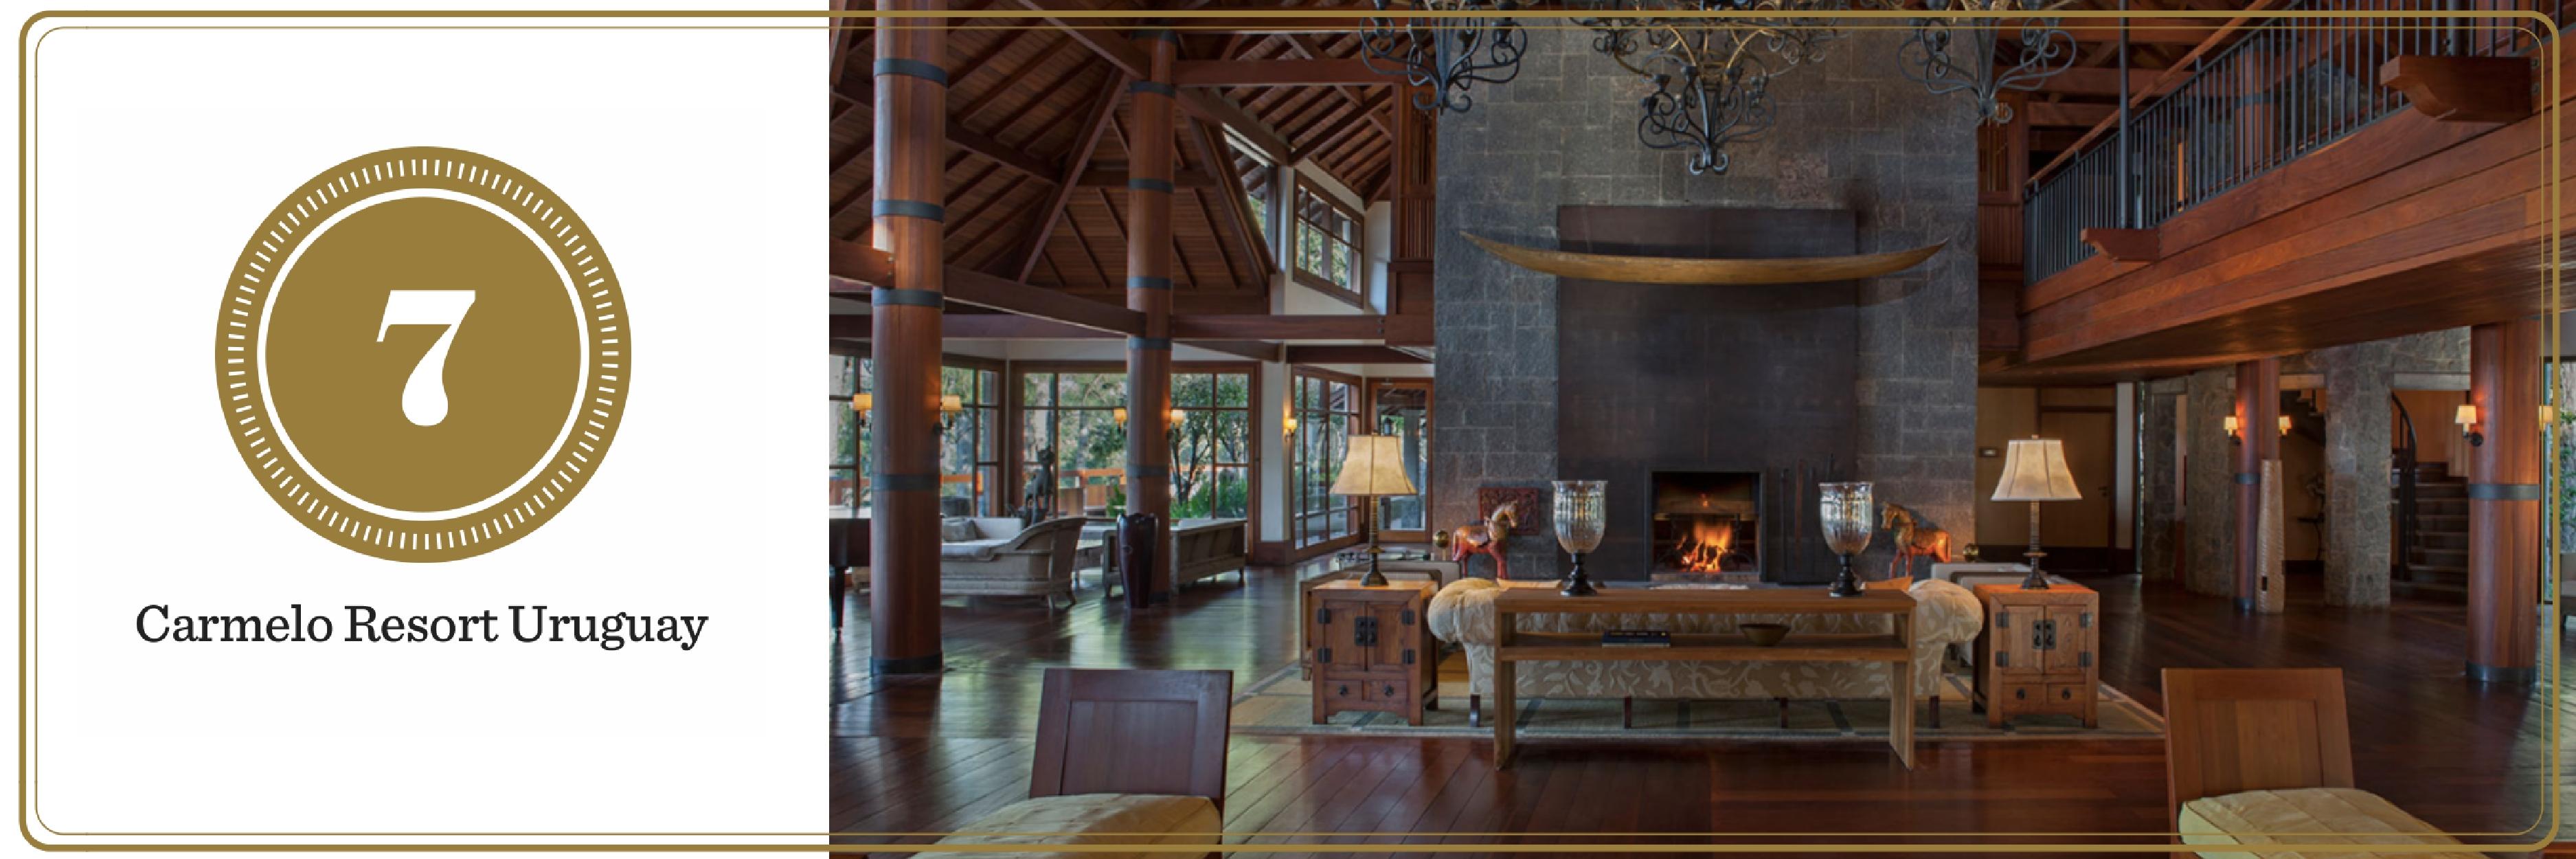 Hyatt Carmelo Resort Uruguay